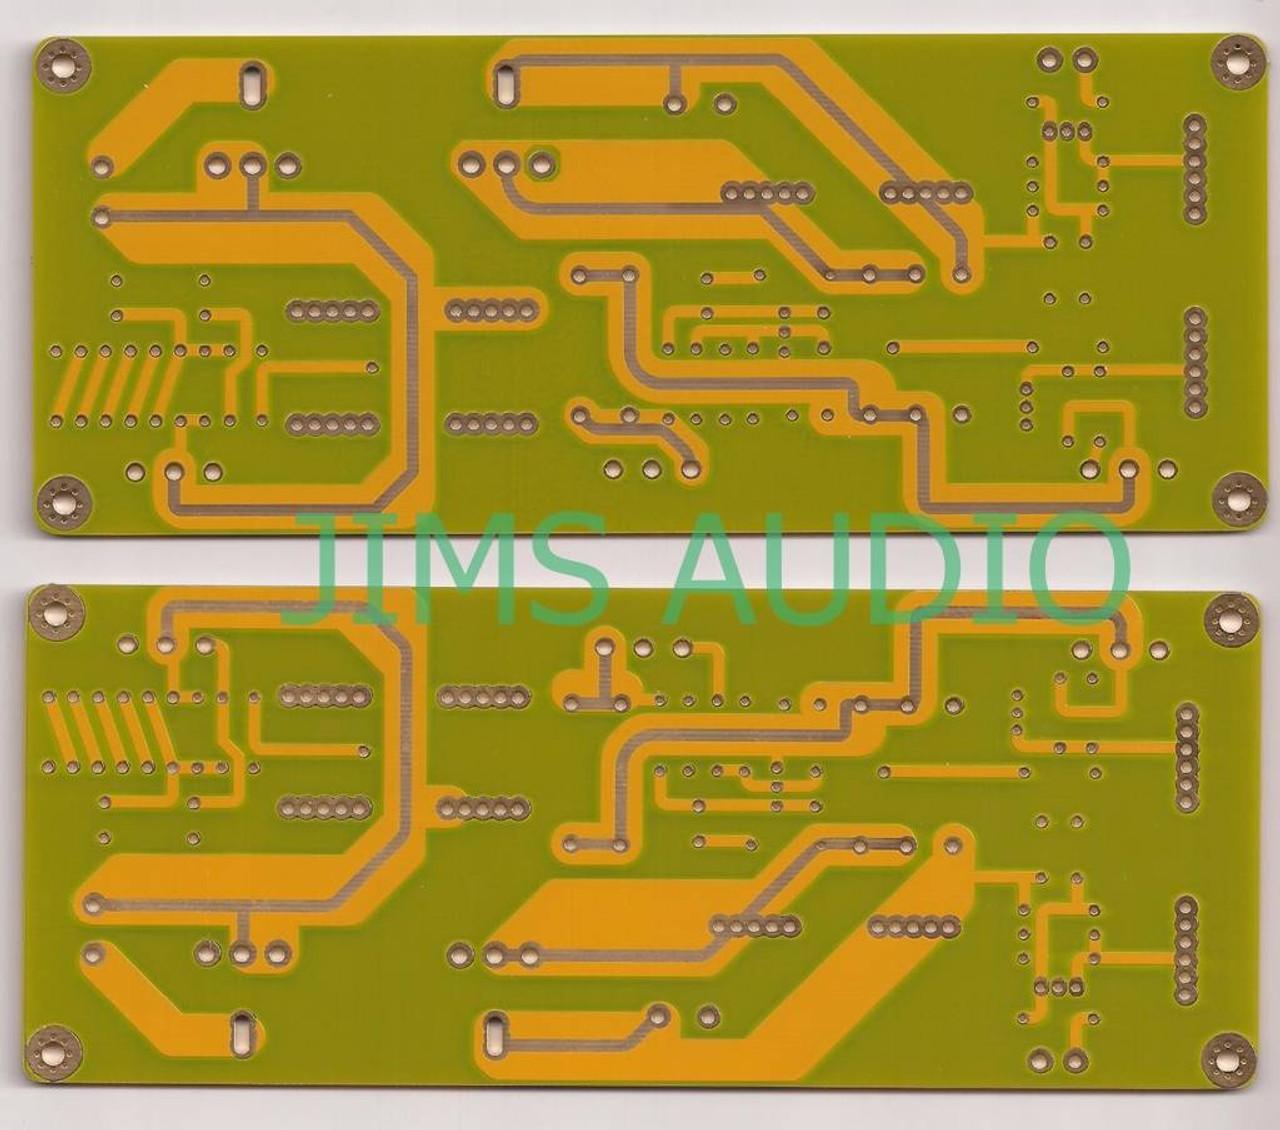 Zen 4 10W Mosfet pure class A SE amplifier PCB one set( 2pieces)